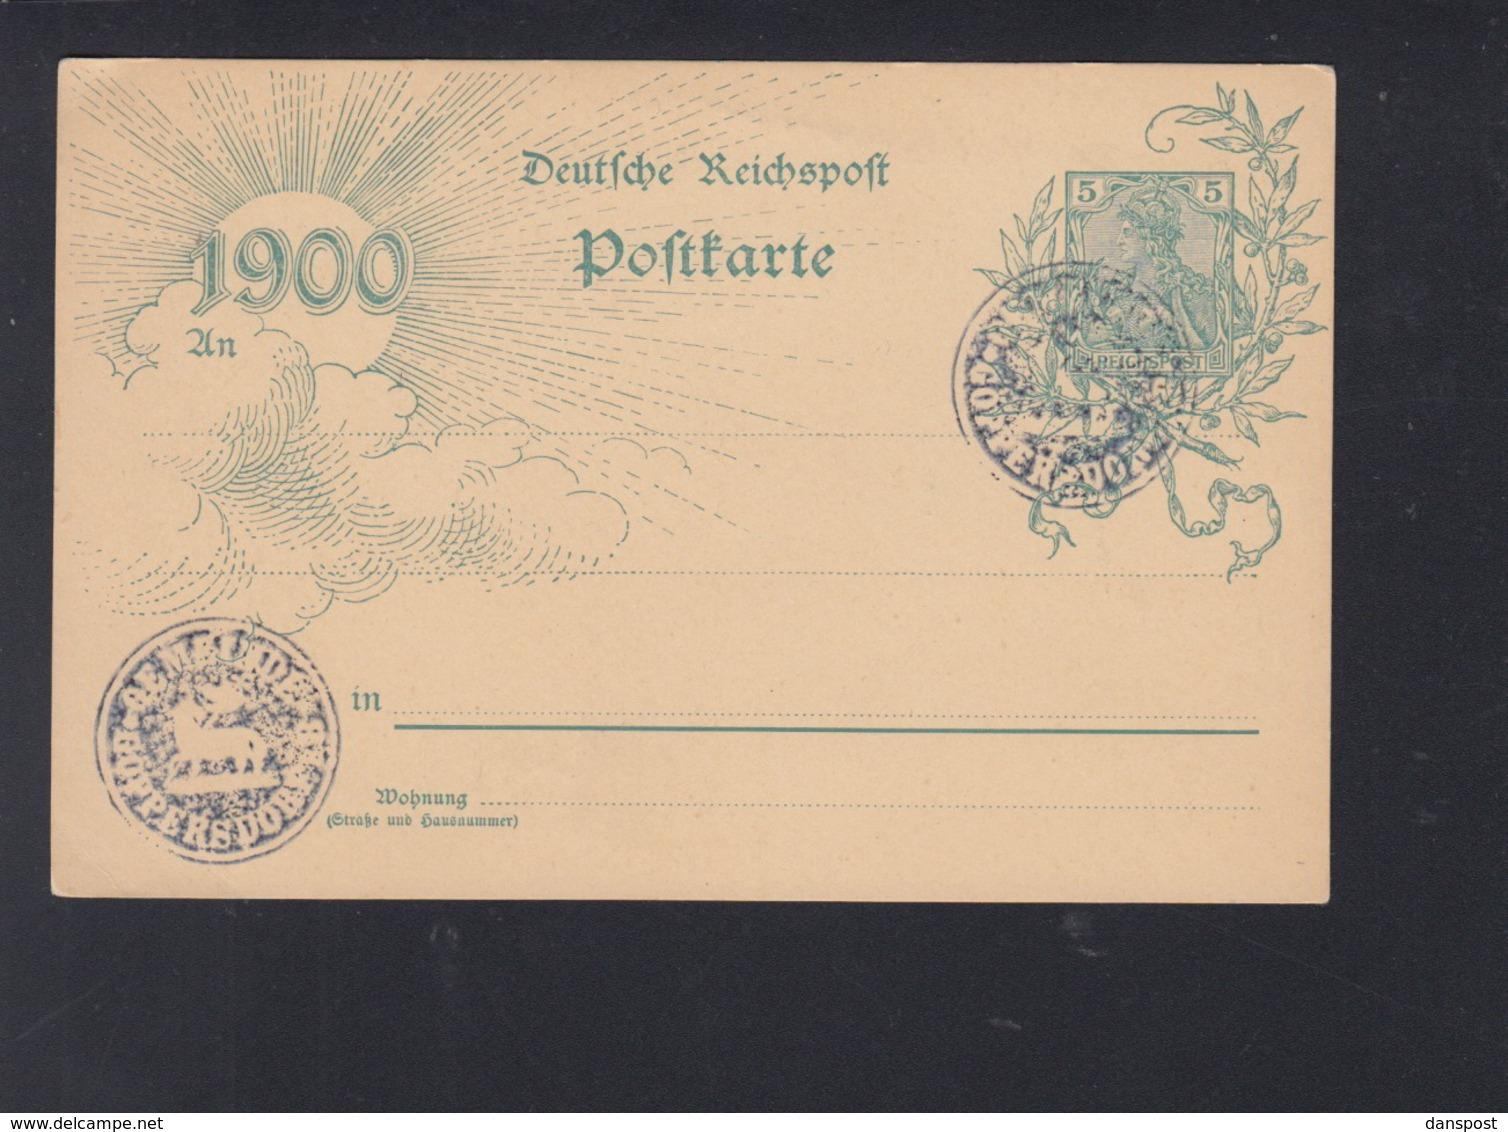 Dt. Reich Blankokarte 1900 Negativstempel Gemeinde Göppersdorf - Briefe U. Dokumente